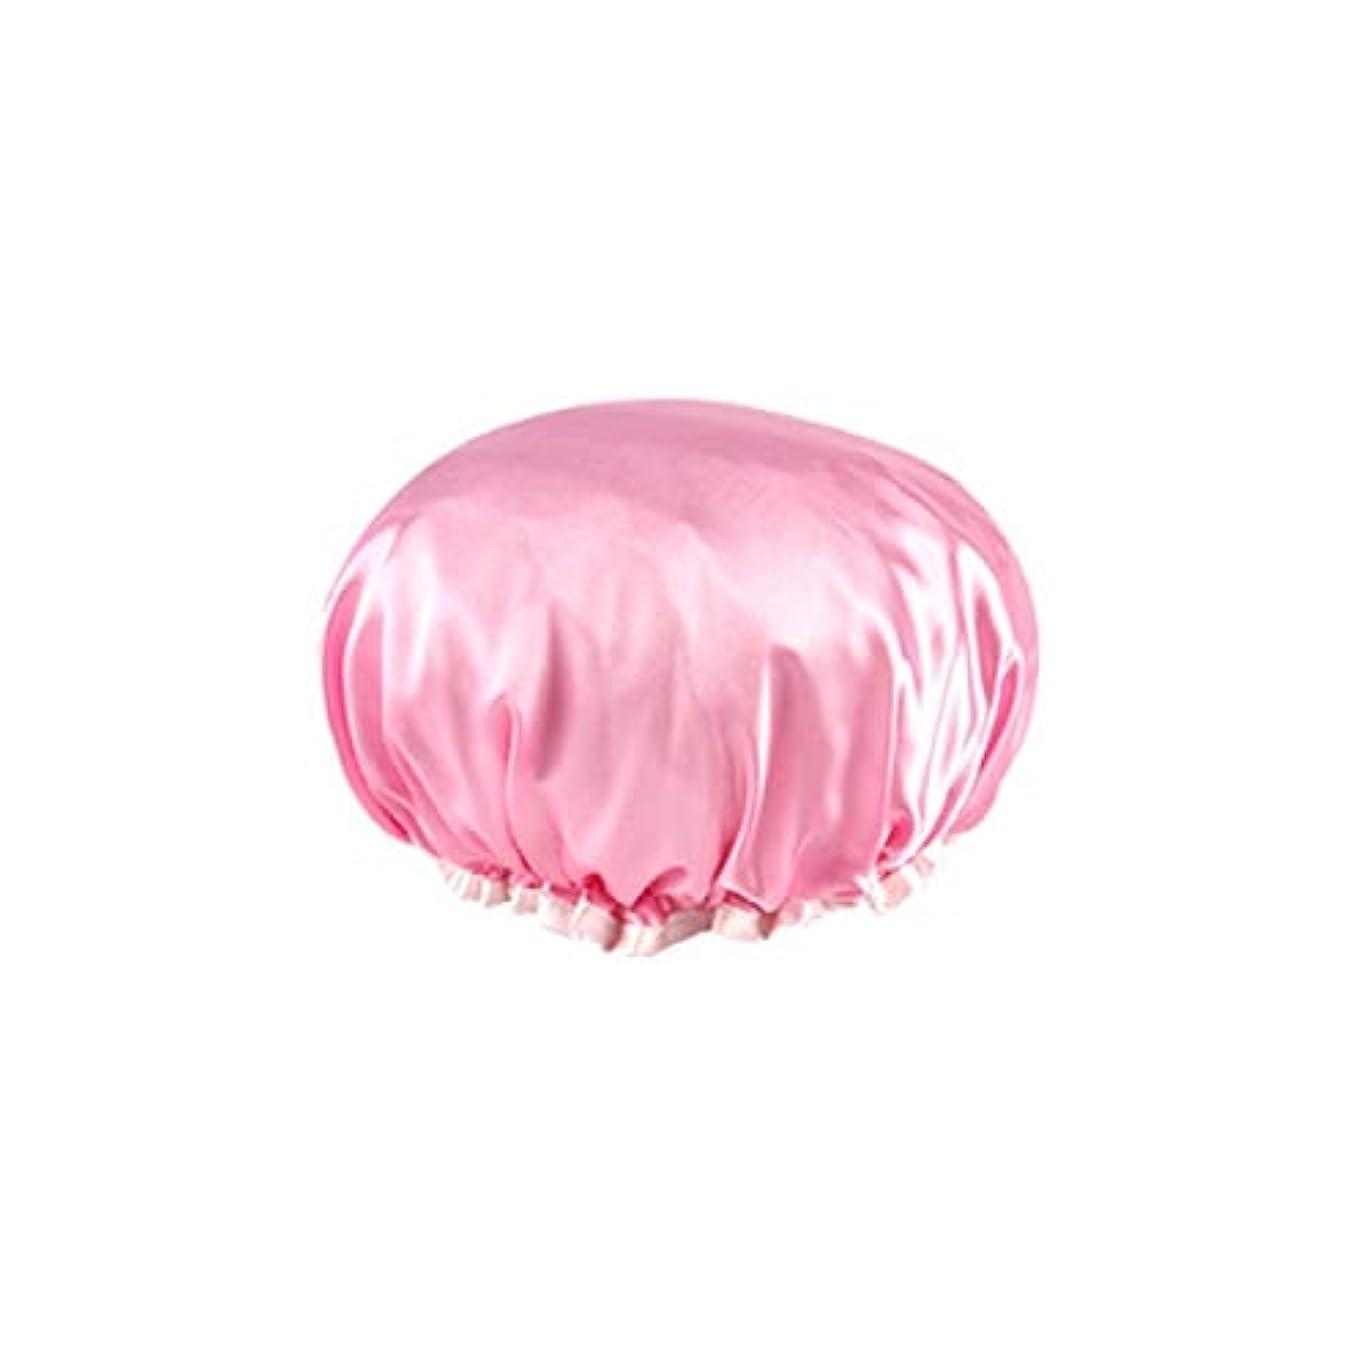 タイル等記事XFHA 、髪は特別な女性モデル マスク、帽子女性、防水シャワーお風呂フード、大人アンチヒュームキッチンハットシャワー、キャップシャワー シンプルで実用的な製品 (Color : A4)